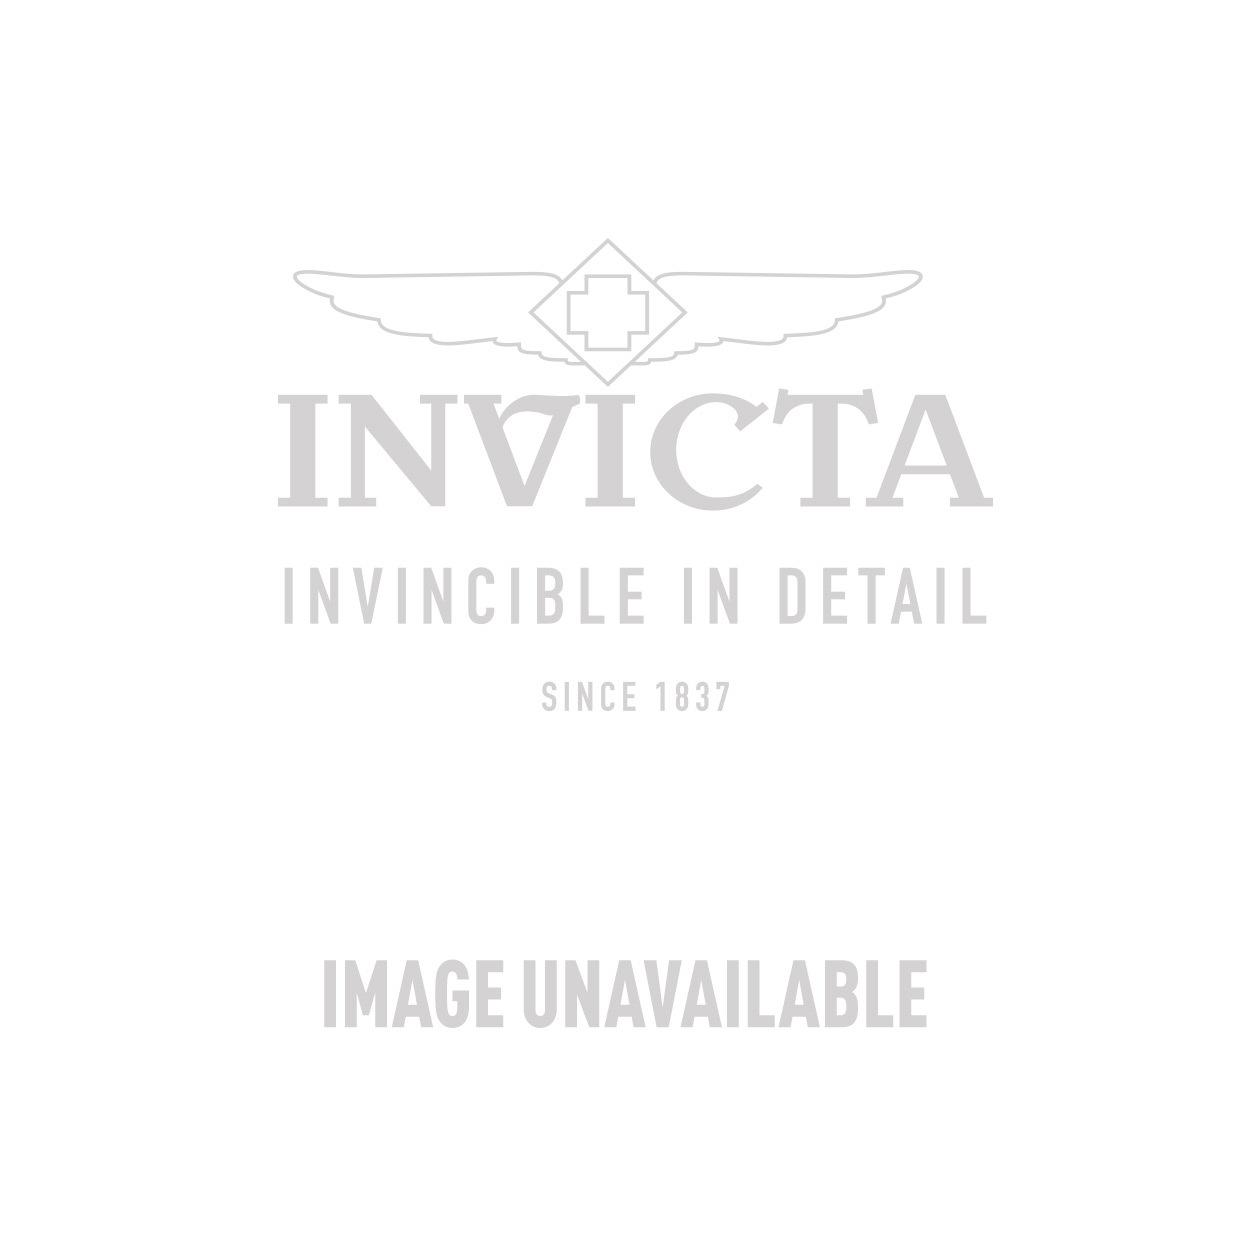 Invicta Model 27779